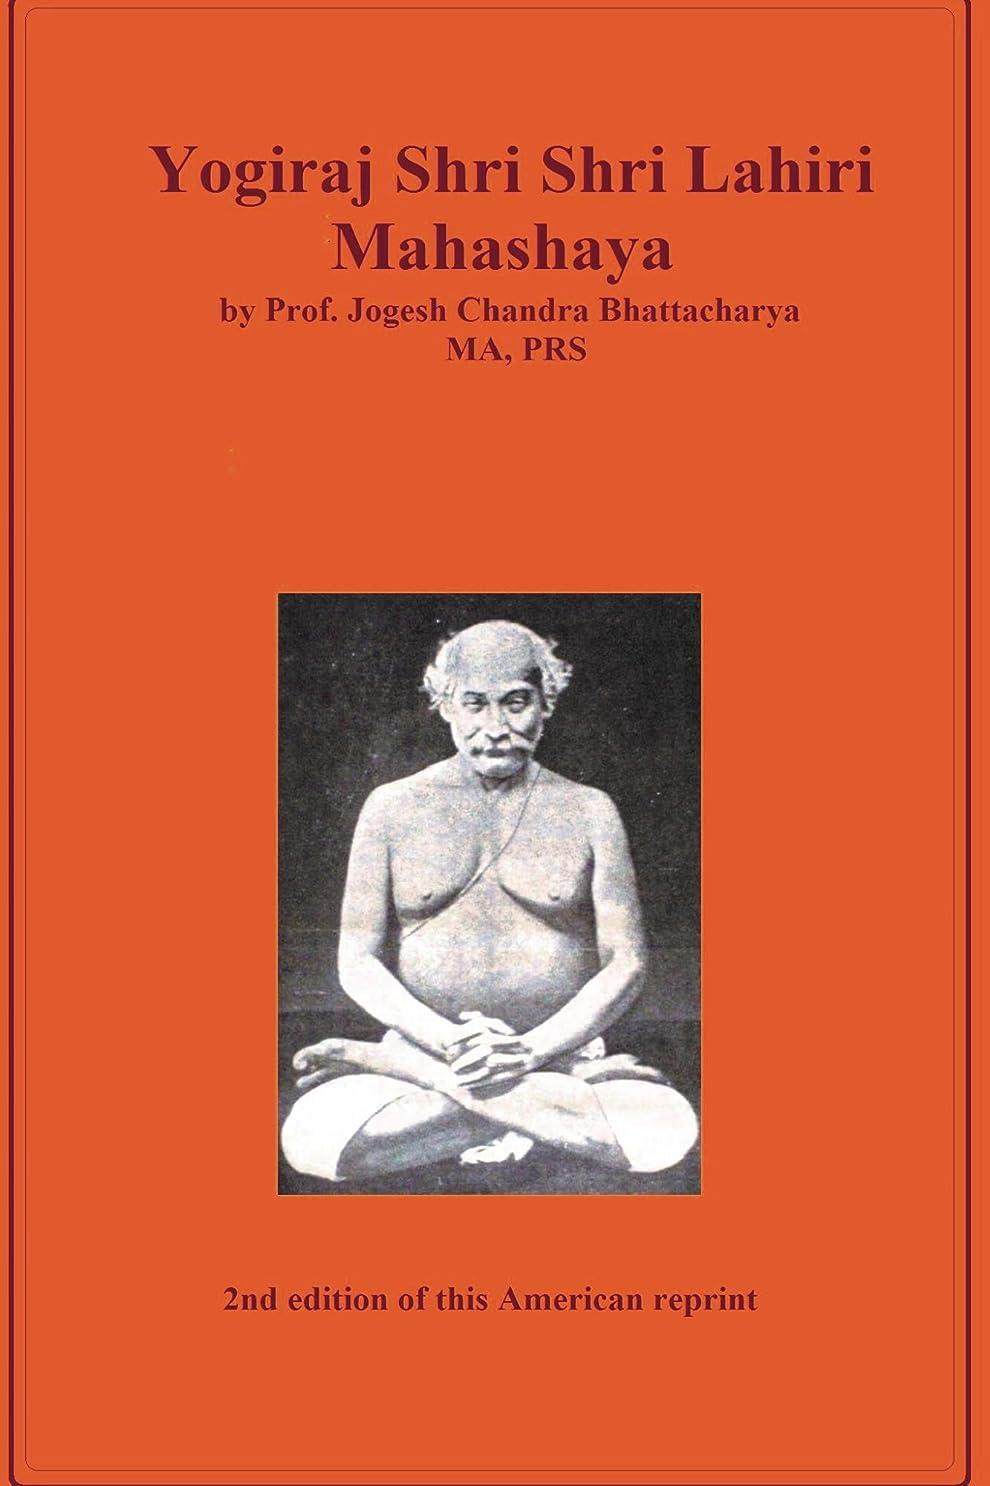 浮浪者影のある航空会社Yogiraj Shri Shri Lahiri Mahasaya (English Edition)